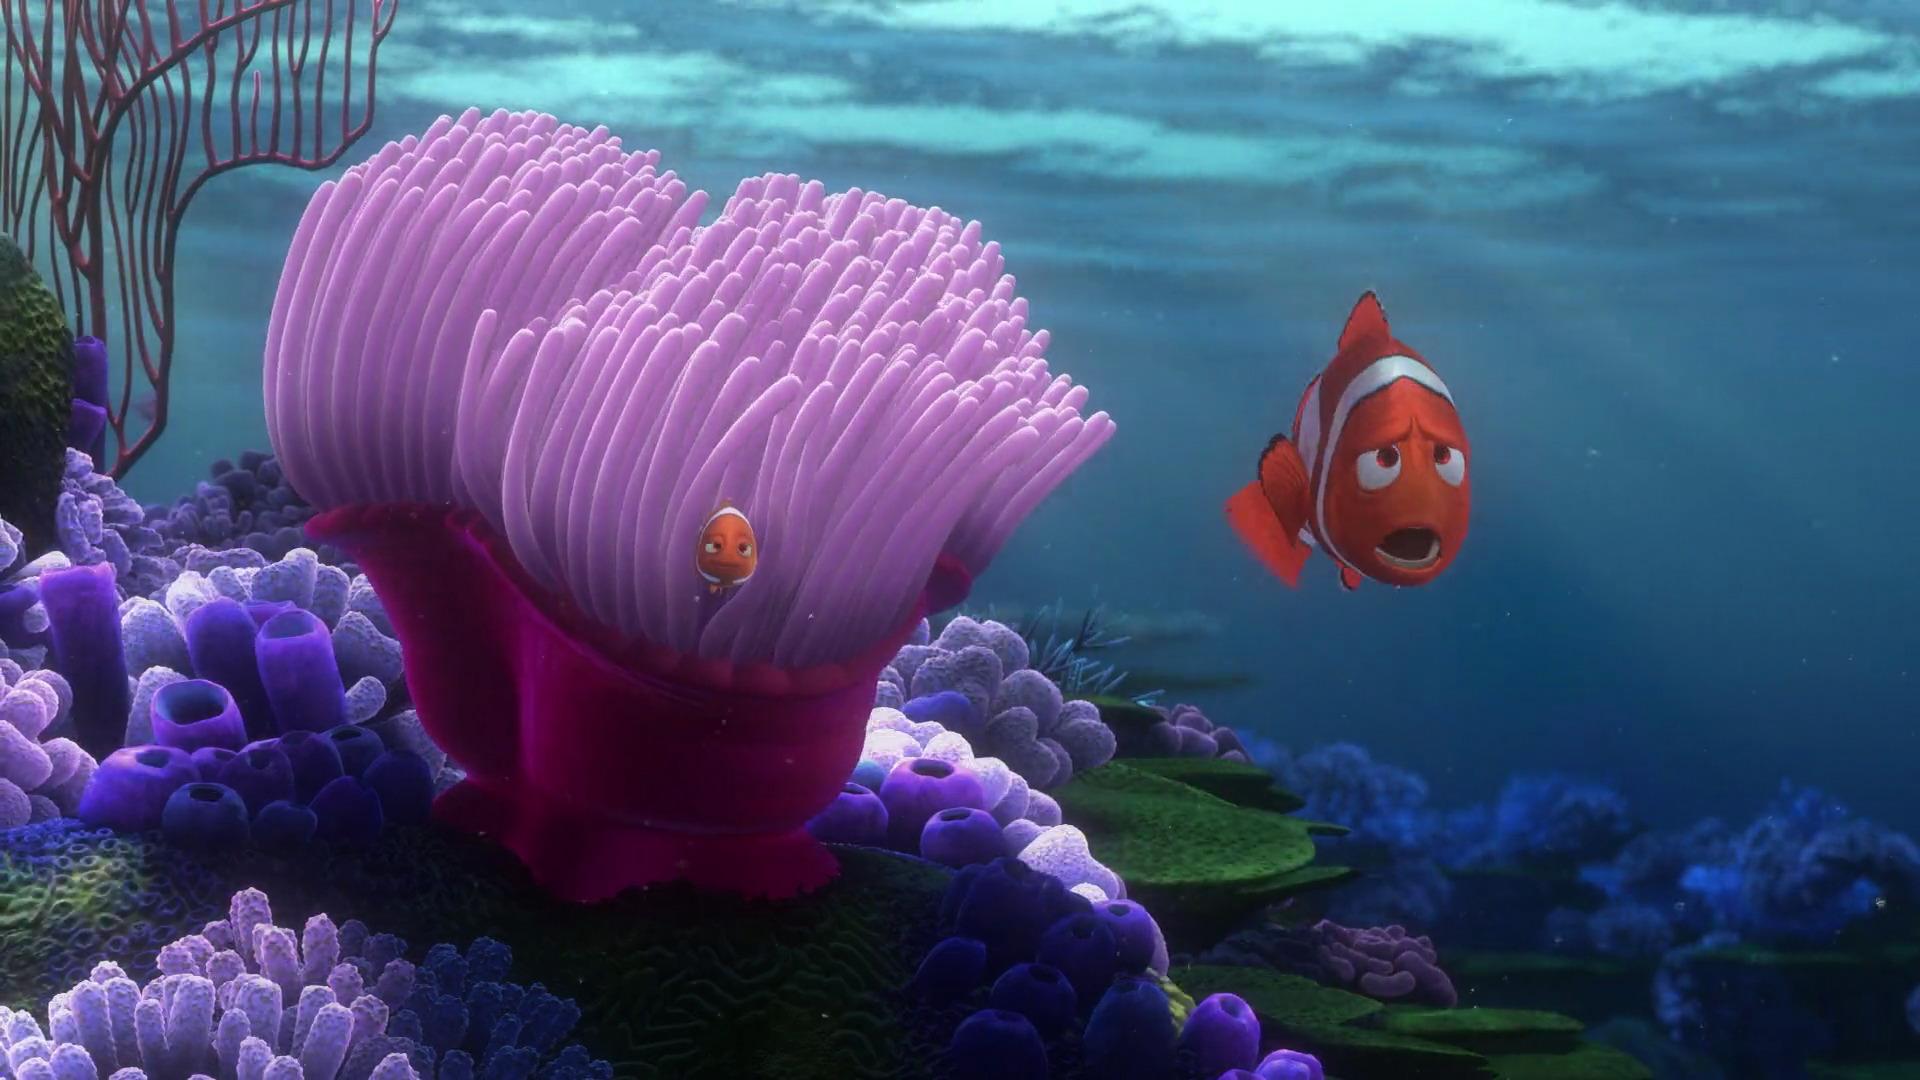 Finding Nemo Disneyscreencaps 17